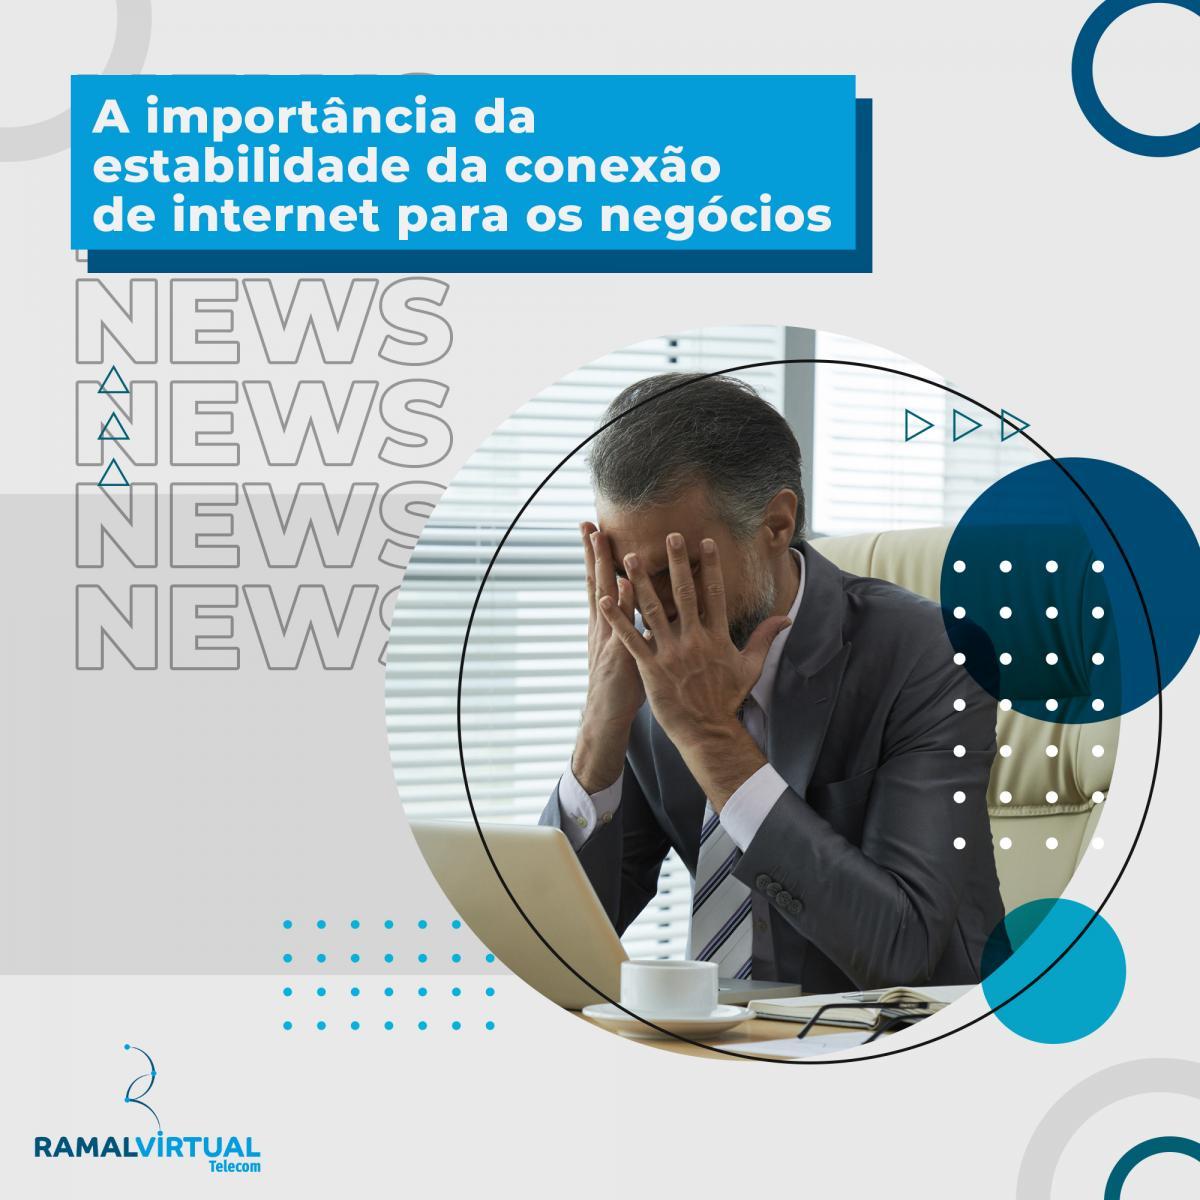 [A importância da estabilidade da conexão de internet para os negócios]